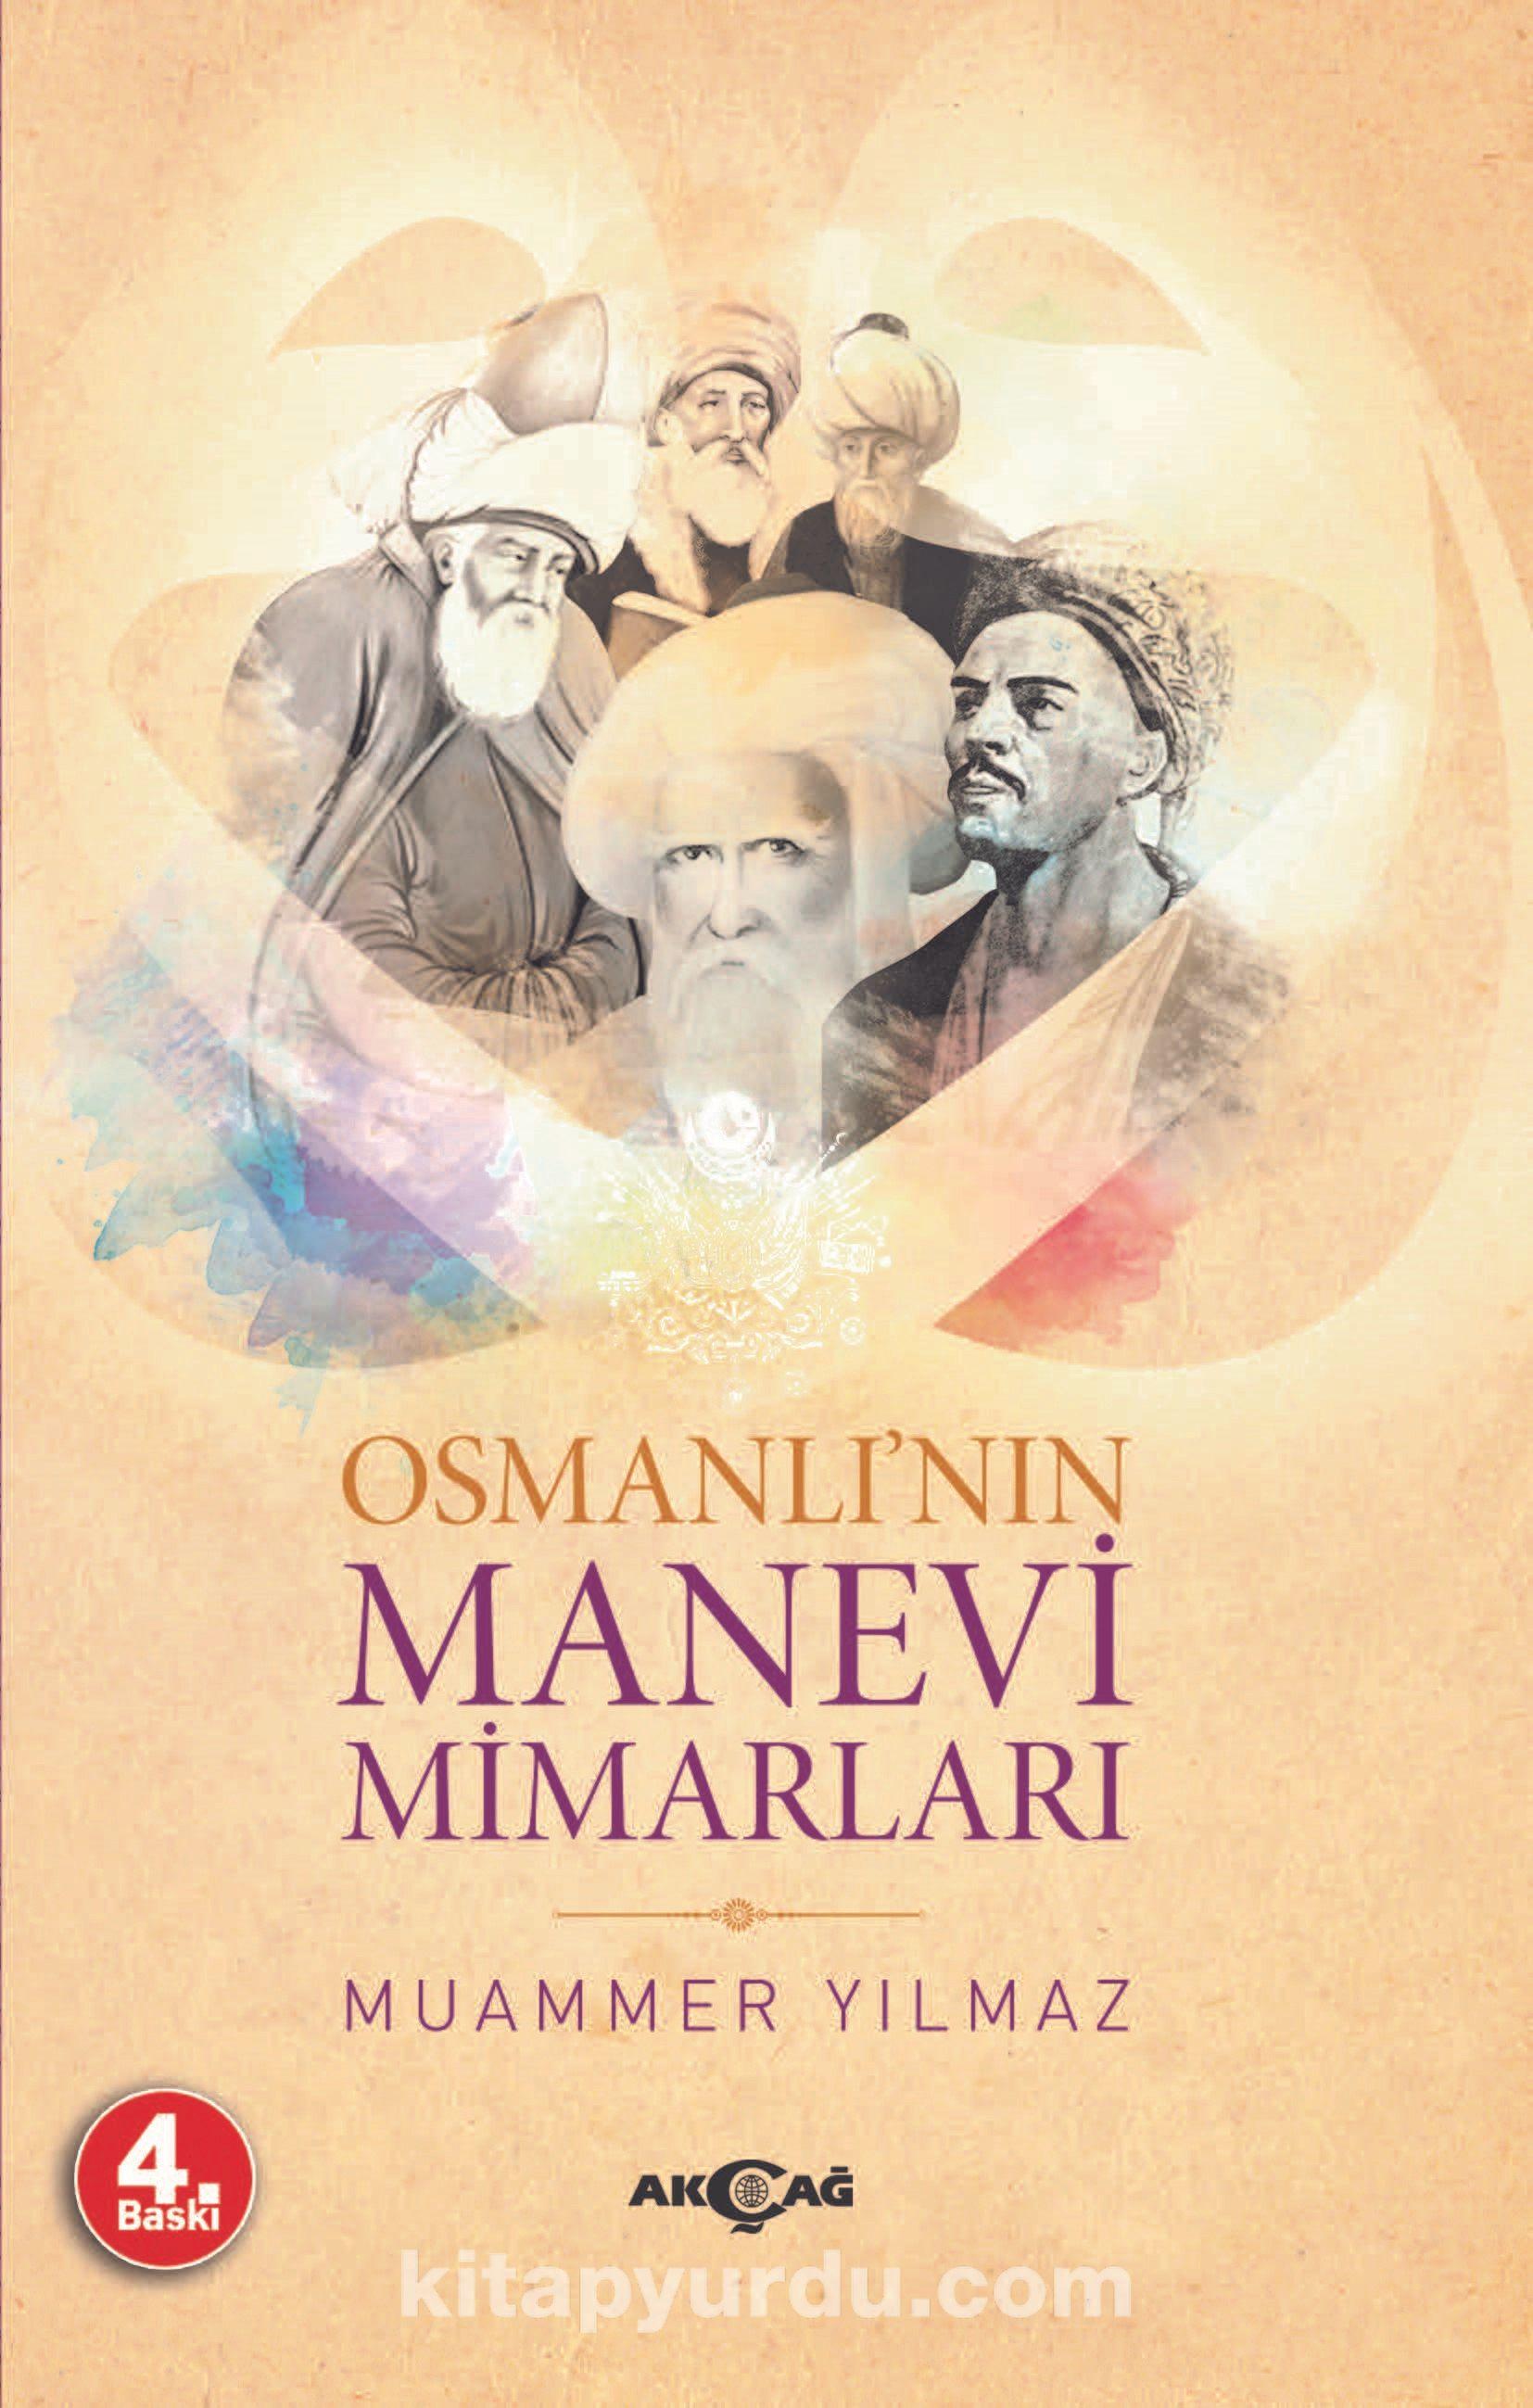 Osmanlı'nın Manevi Mimarları - Muammer Yılmaz pdf epub